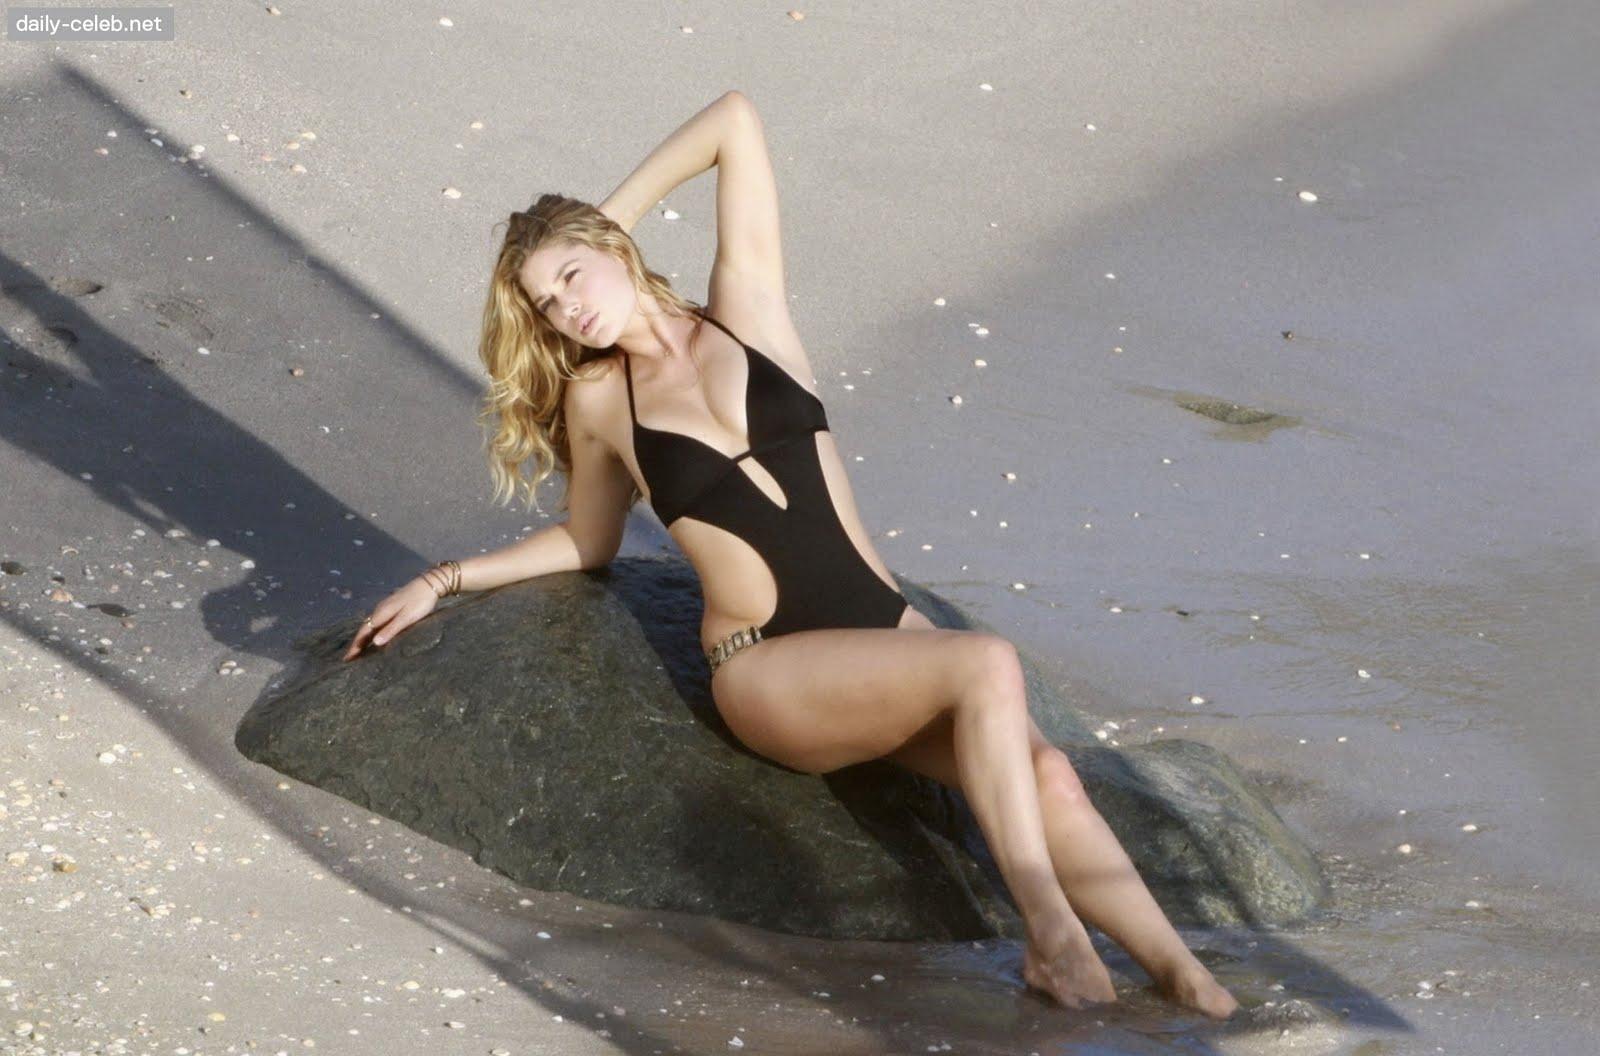 http://4.bp.blogspot.com/_fDLtbLlfXmU/Sw6pa1dwKII/AAAAAAAAC-M/Wk70LV12sSc/s1600/doutzen-kroes-bikini-1.jpg